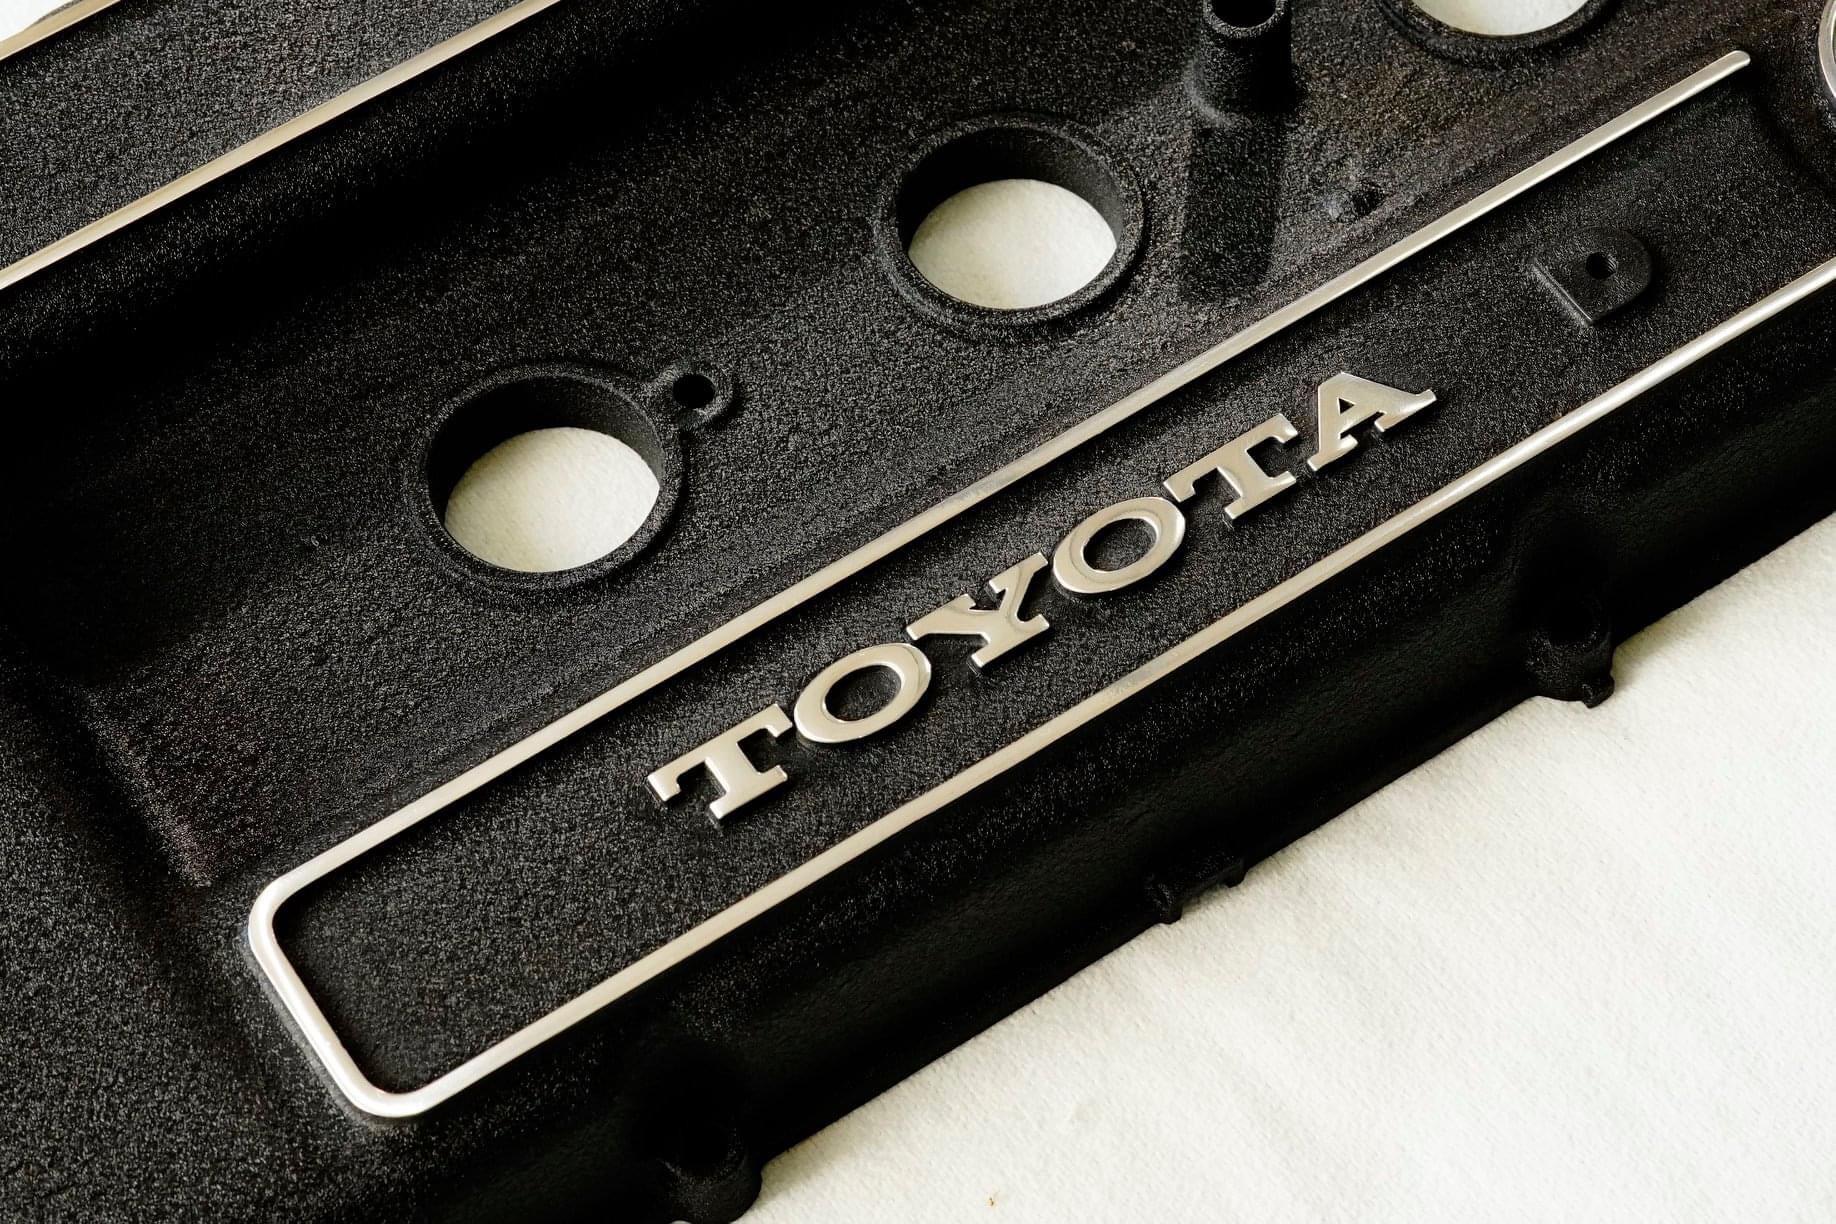 施工日記 TOYOTAダルマセリカ2000GT(RA21 / 18RG)エンジンヘッドカバー塗装